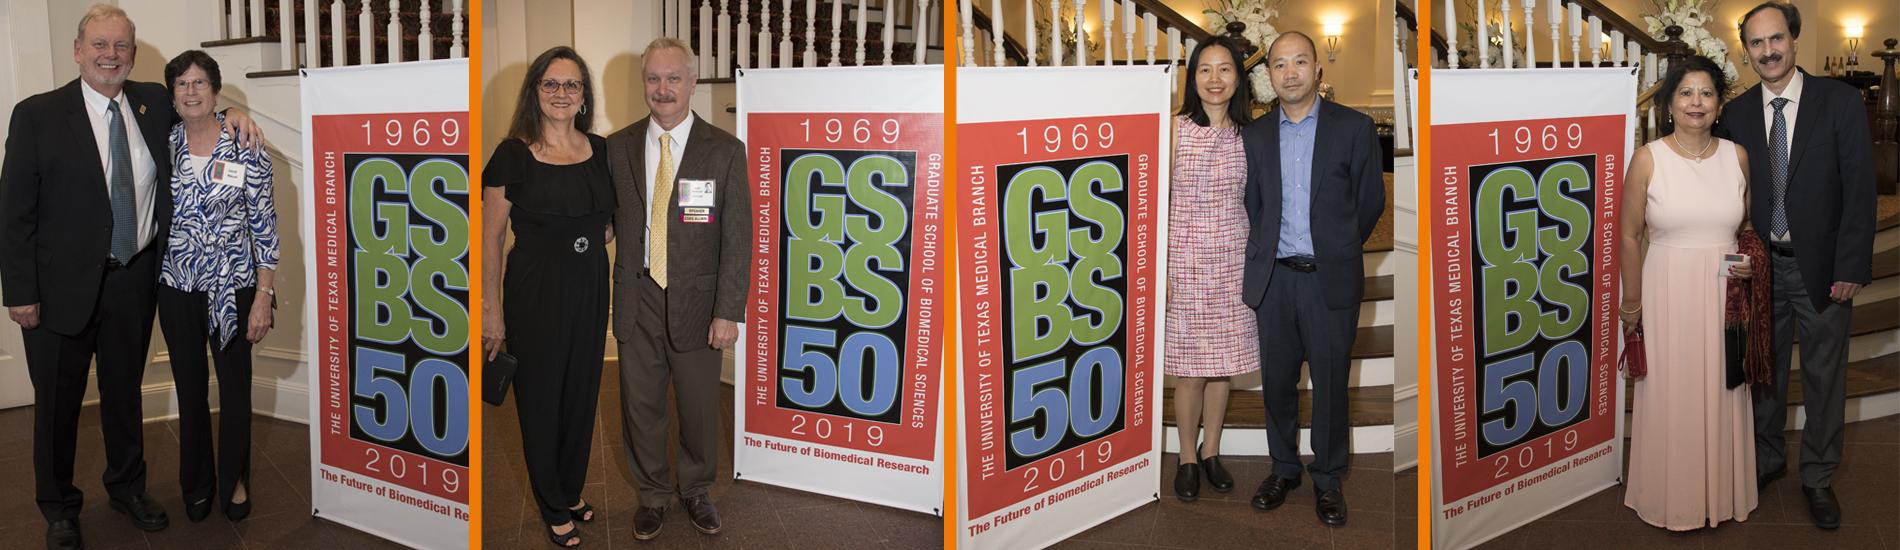 50 gsbs reunion 5